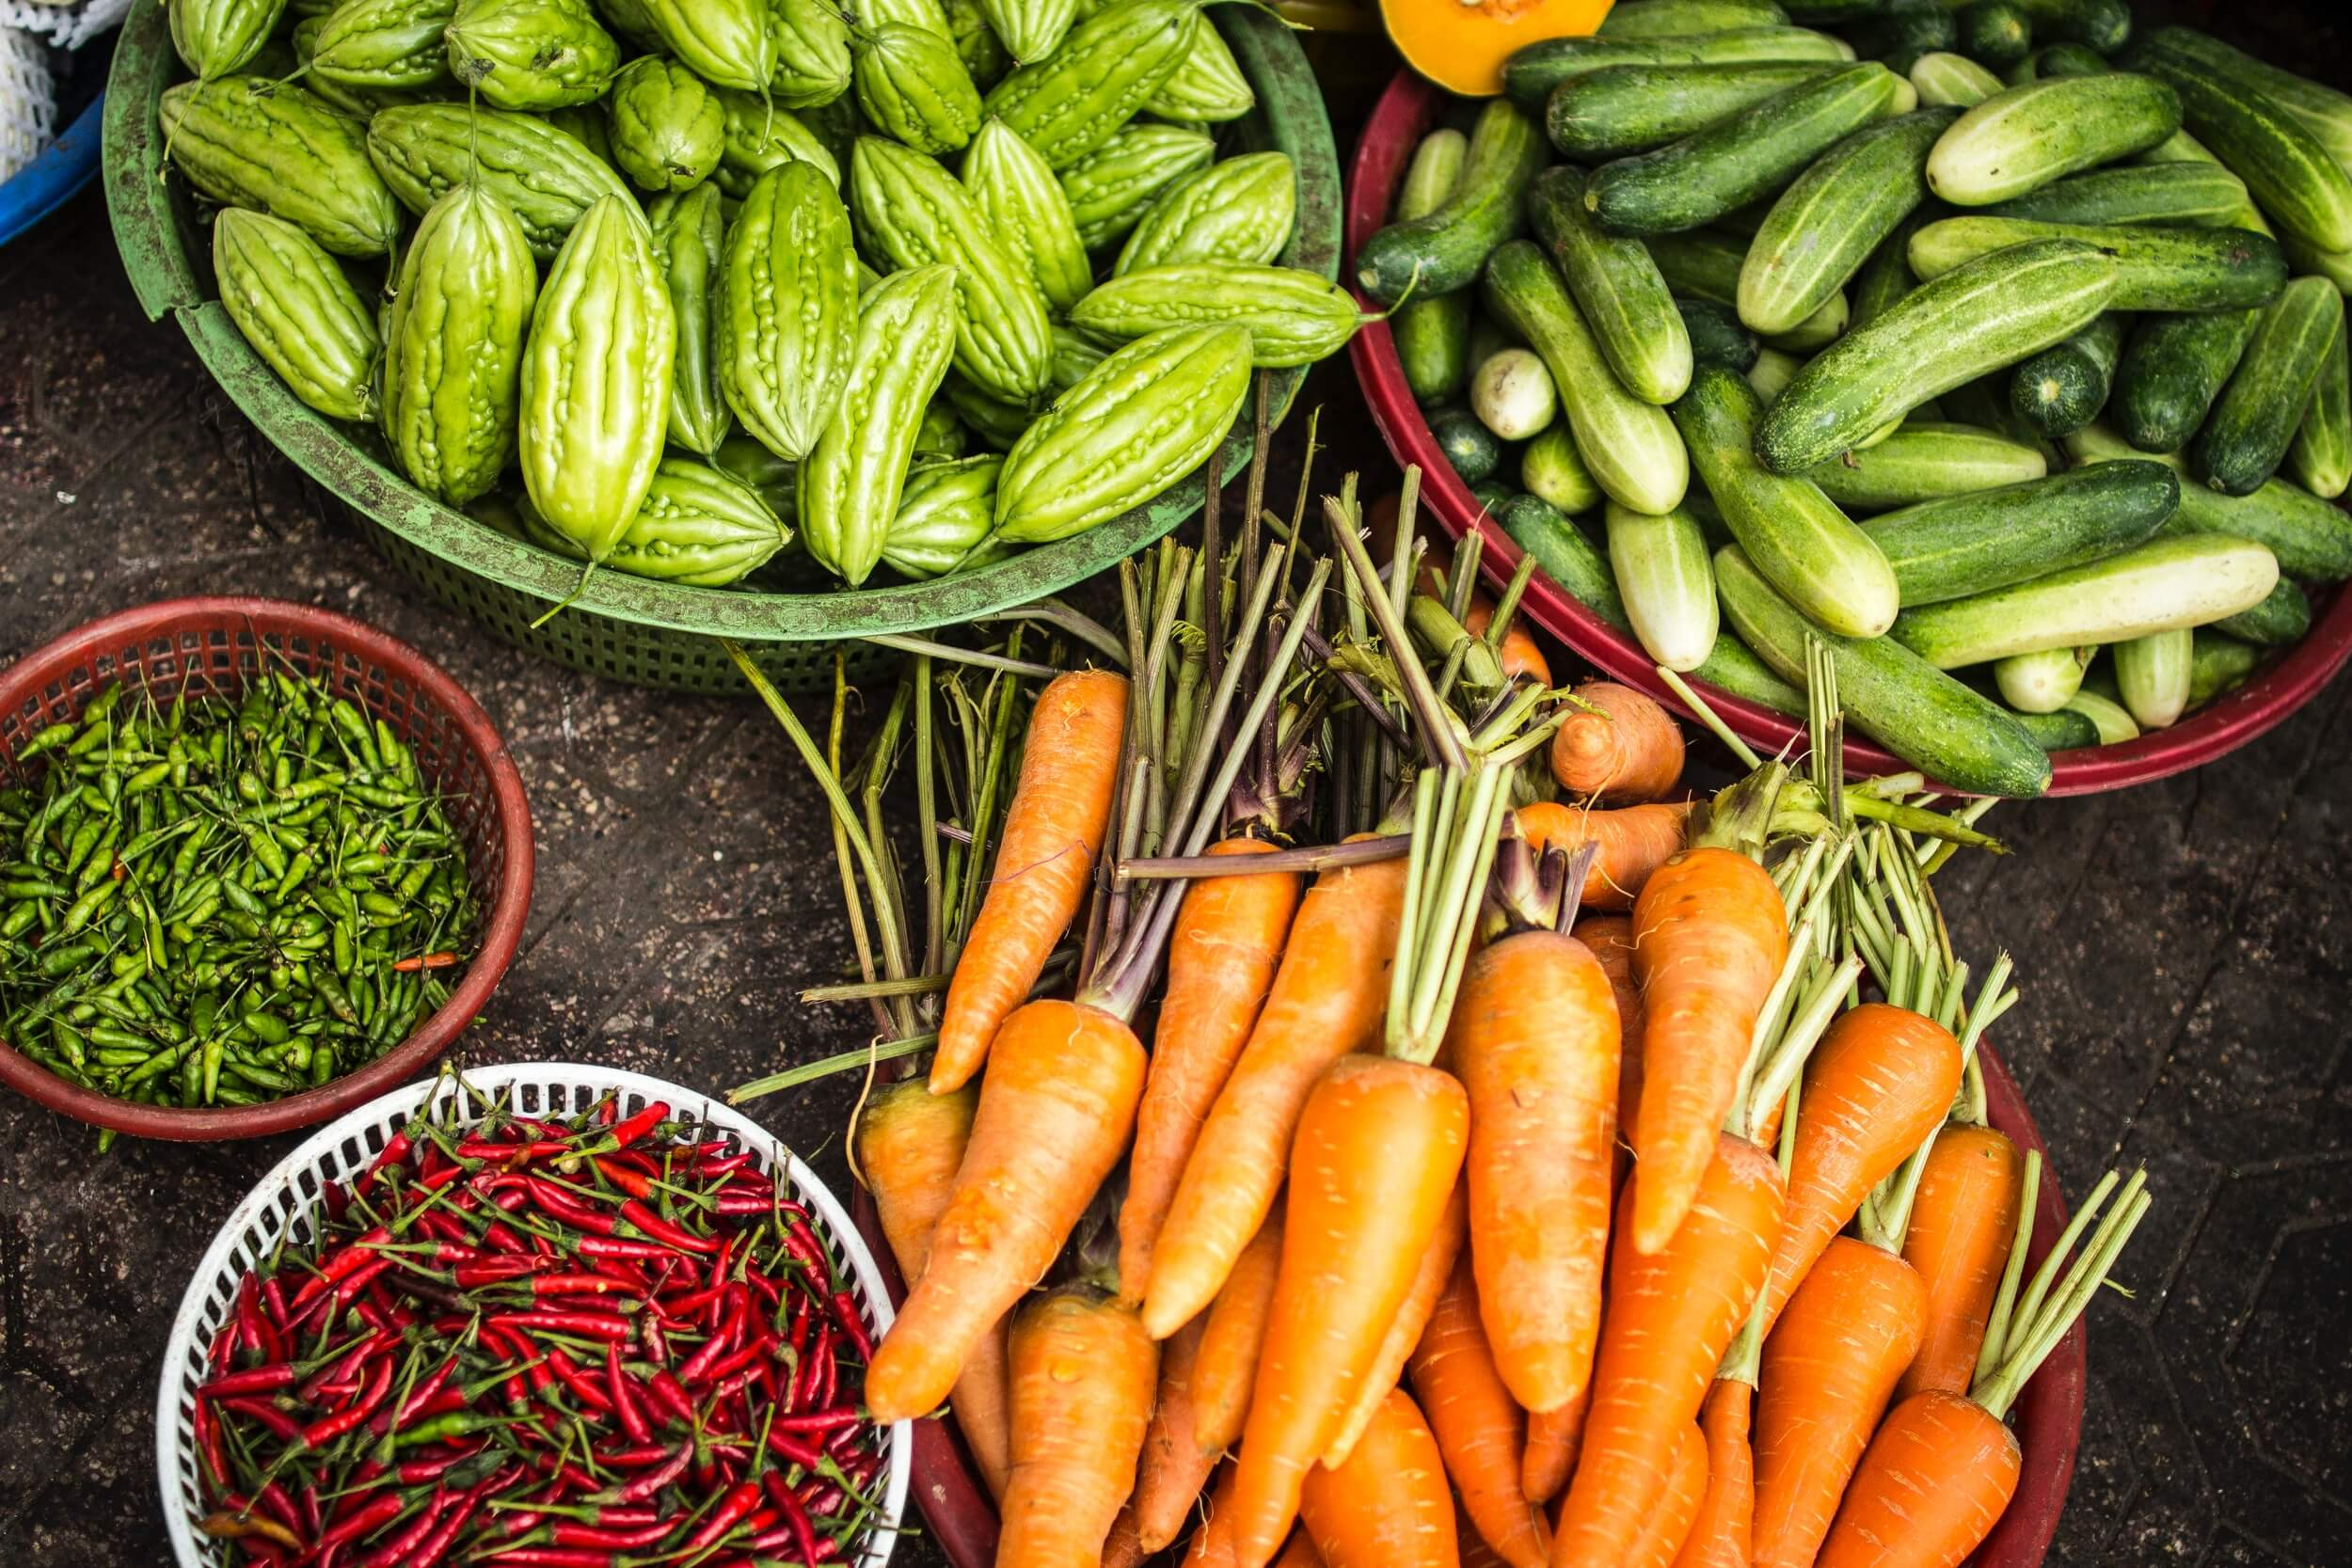 Quels sont les avantages des légumes dans la pratique de la musculation ?